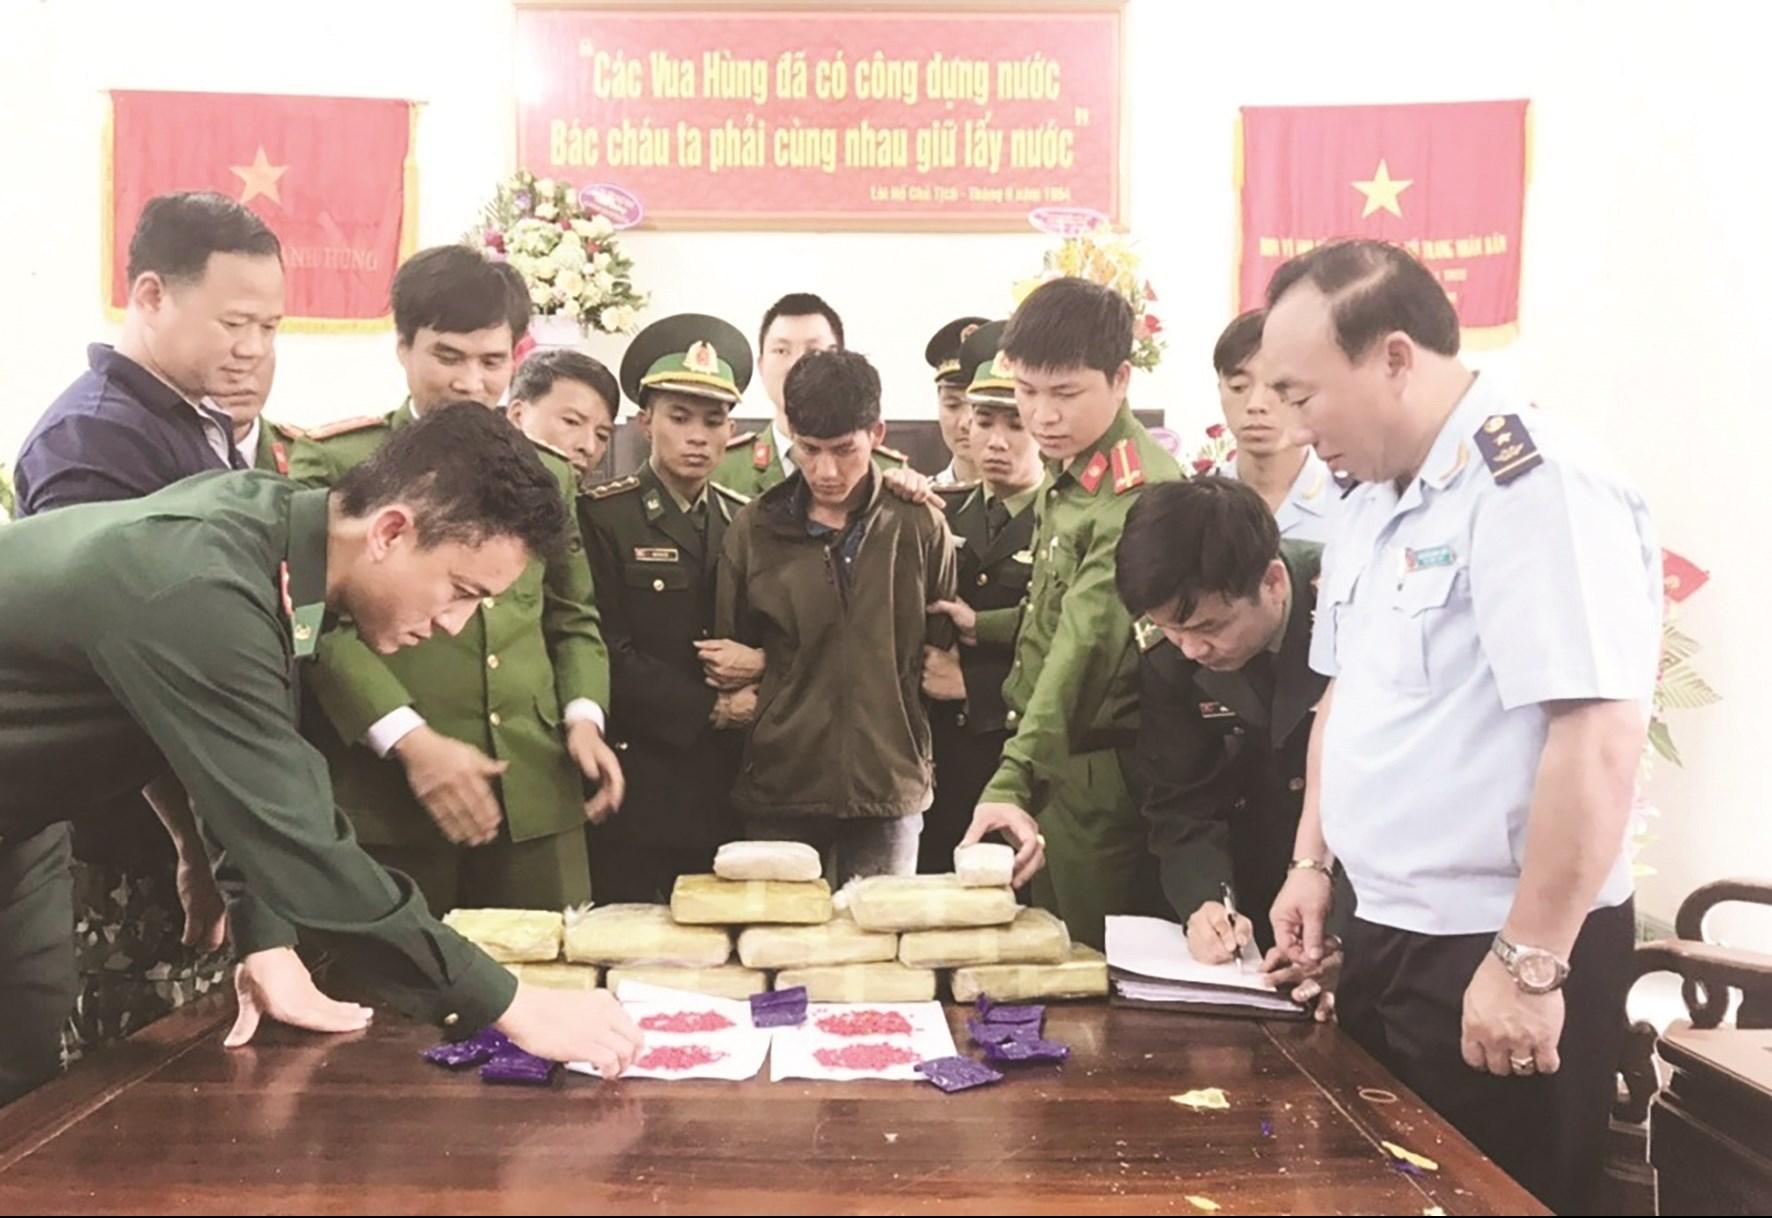 Việc phối hợp giữa các lực lượng chuyên trách phòng, chống ma túy sẽ làm tăng thêm sức mạnh và tính minh bạch